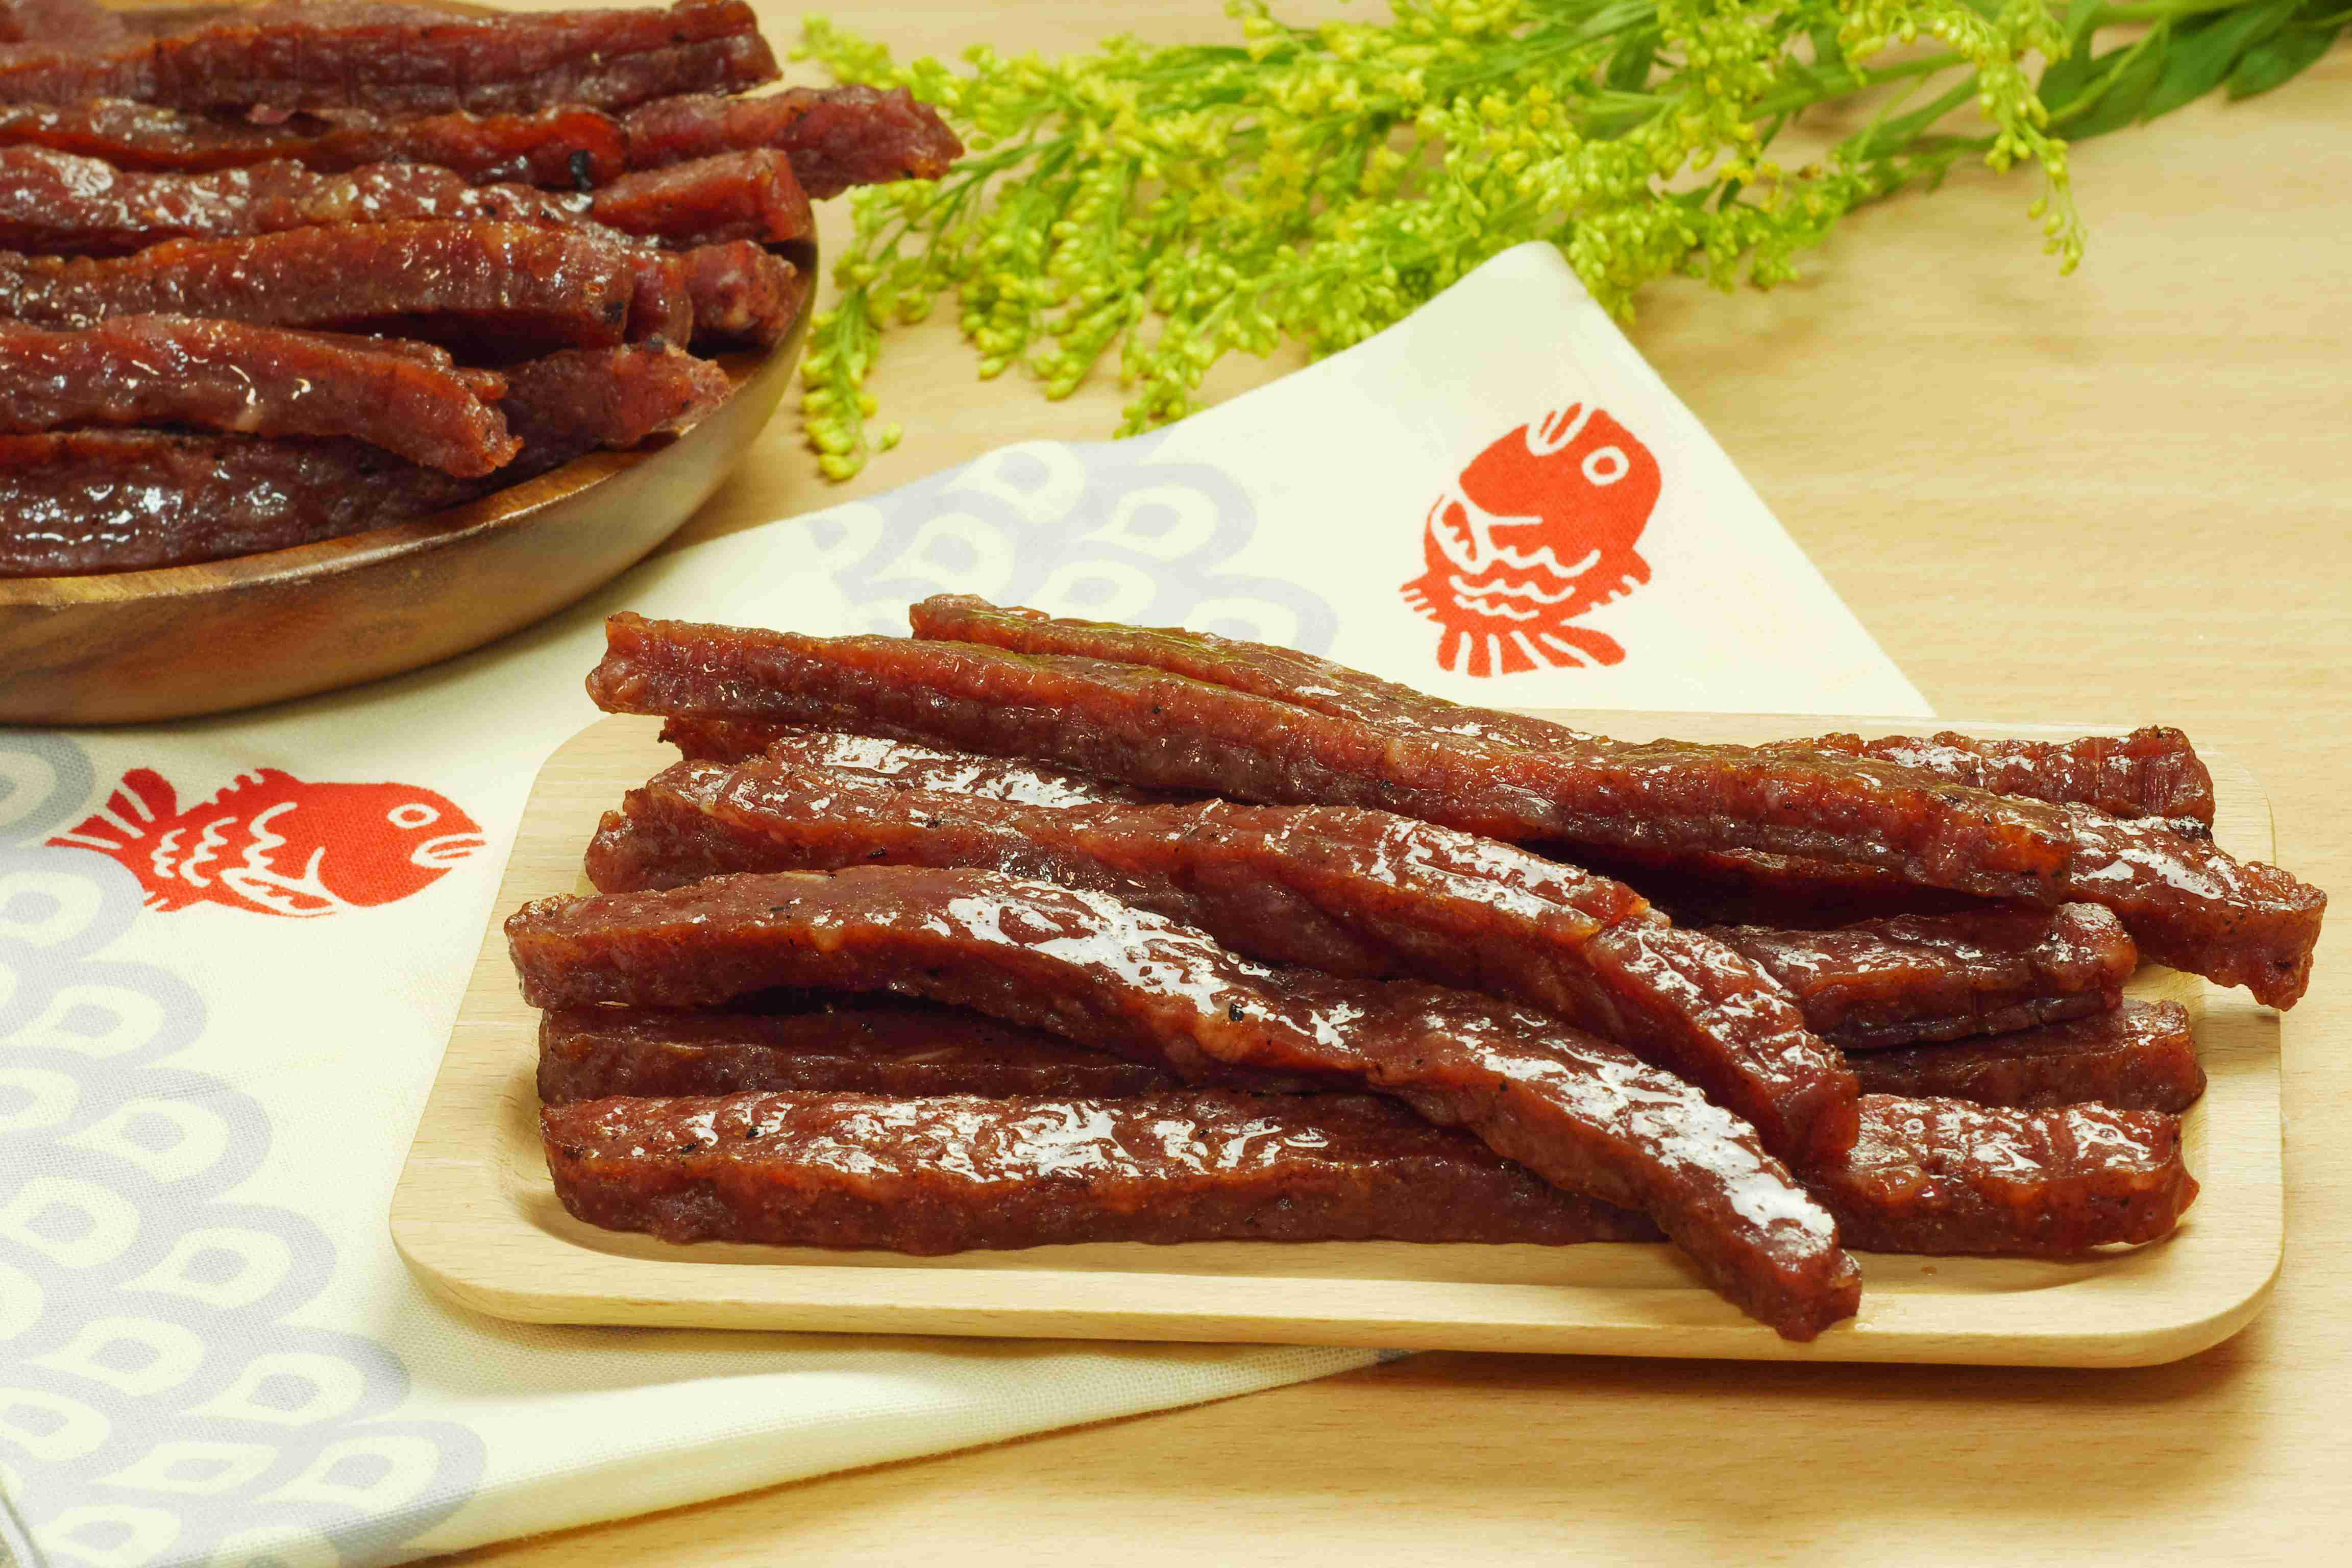 【馬告麻吉】超級筷子肉條隨手包(260g/包)